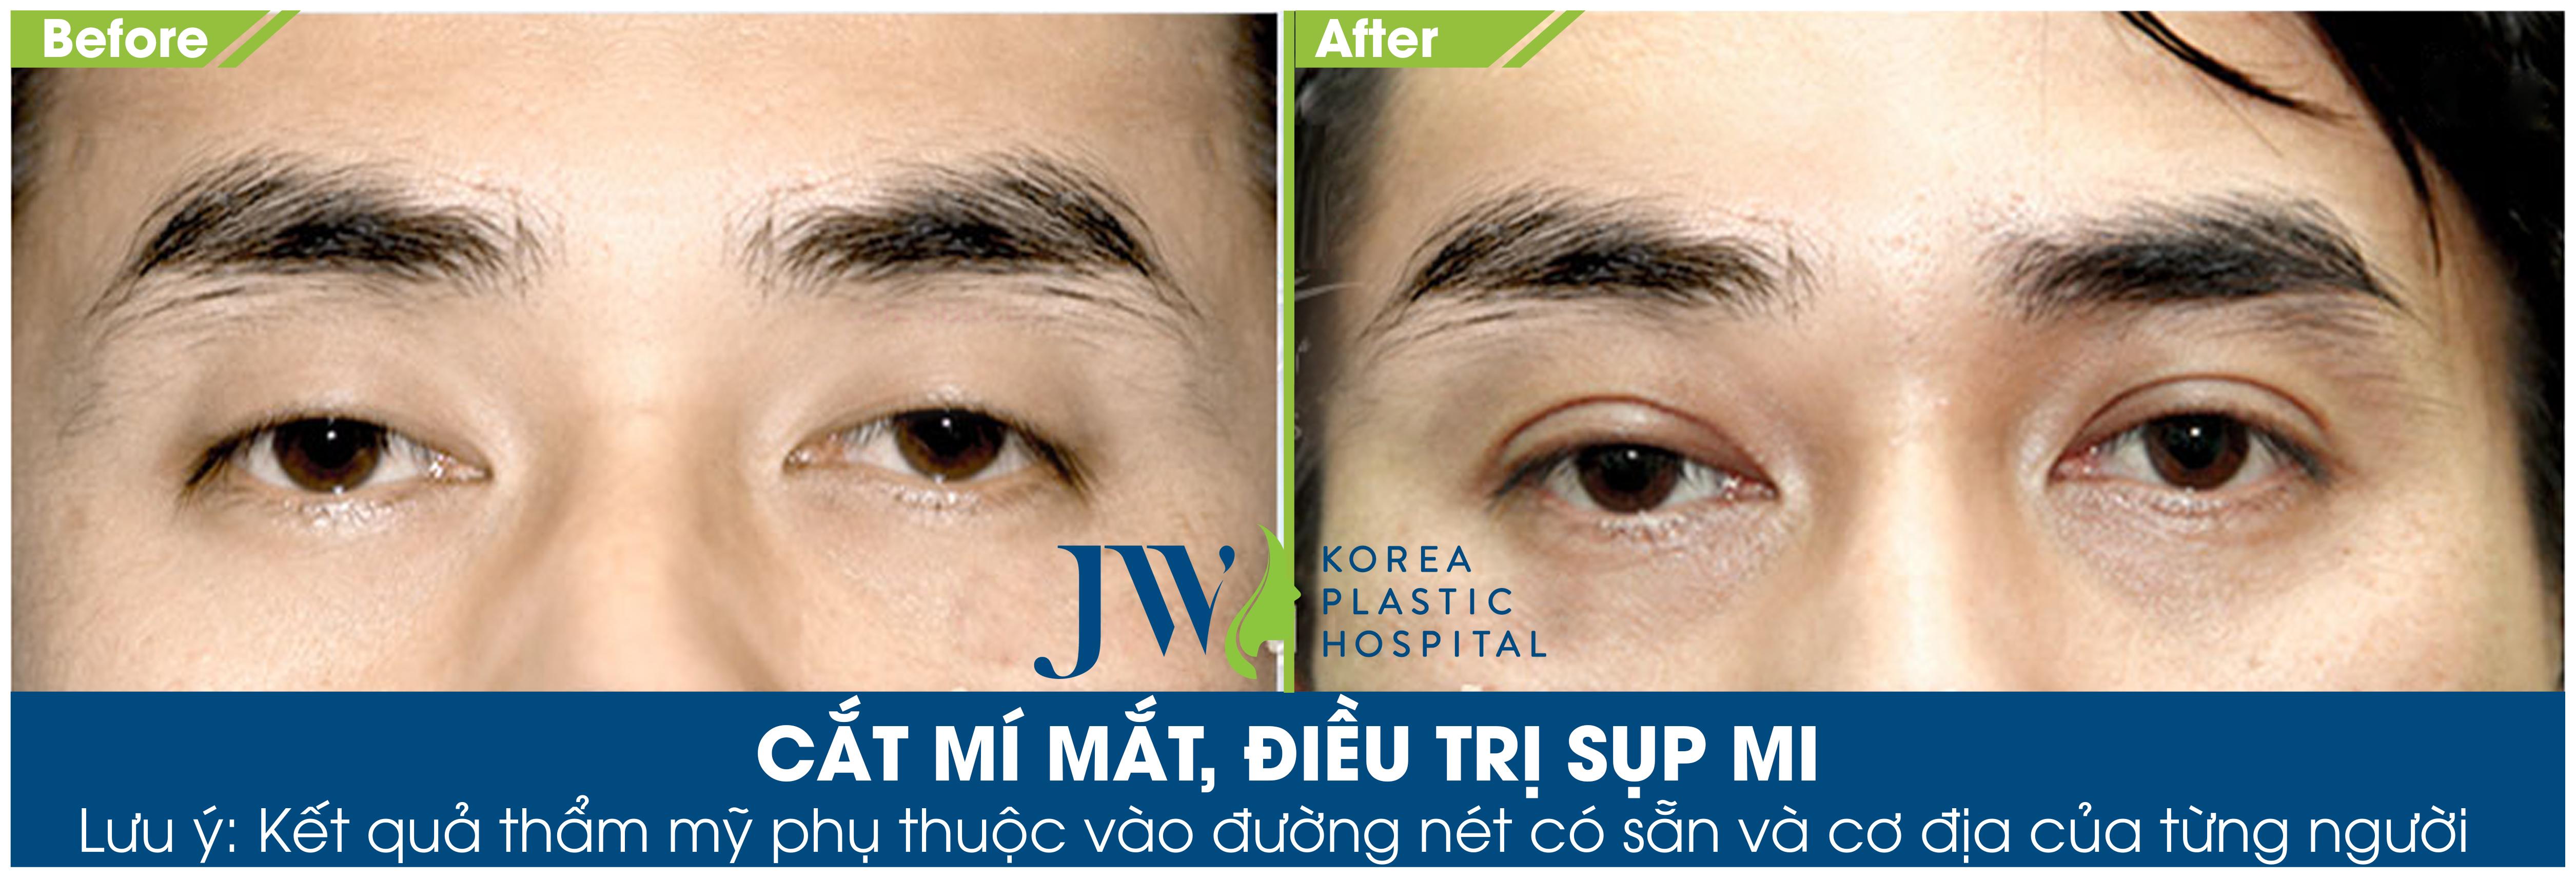 Phẫu thuật mắt sụp mi cho đàn ông